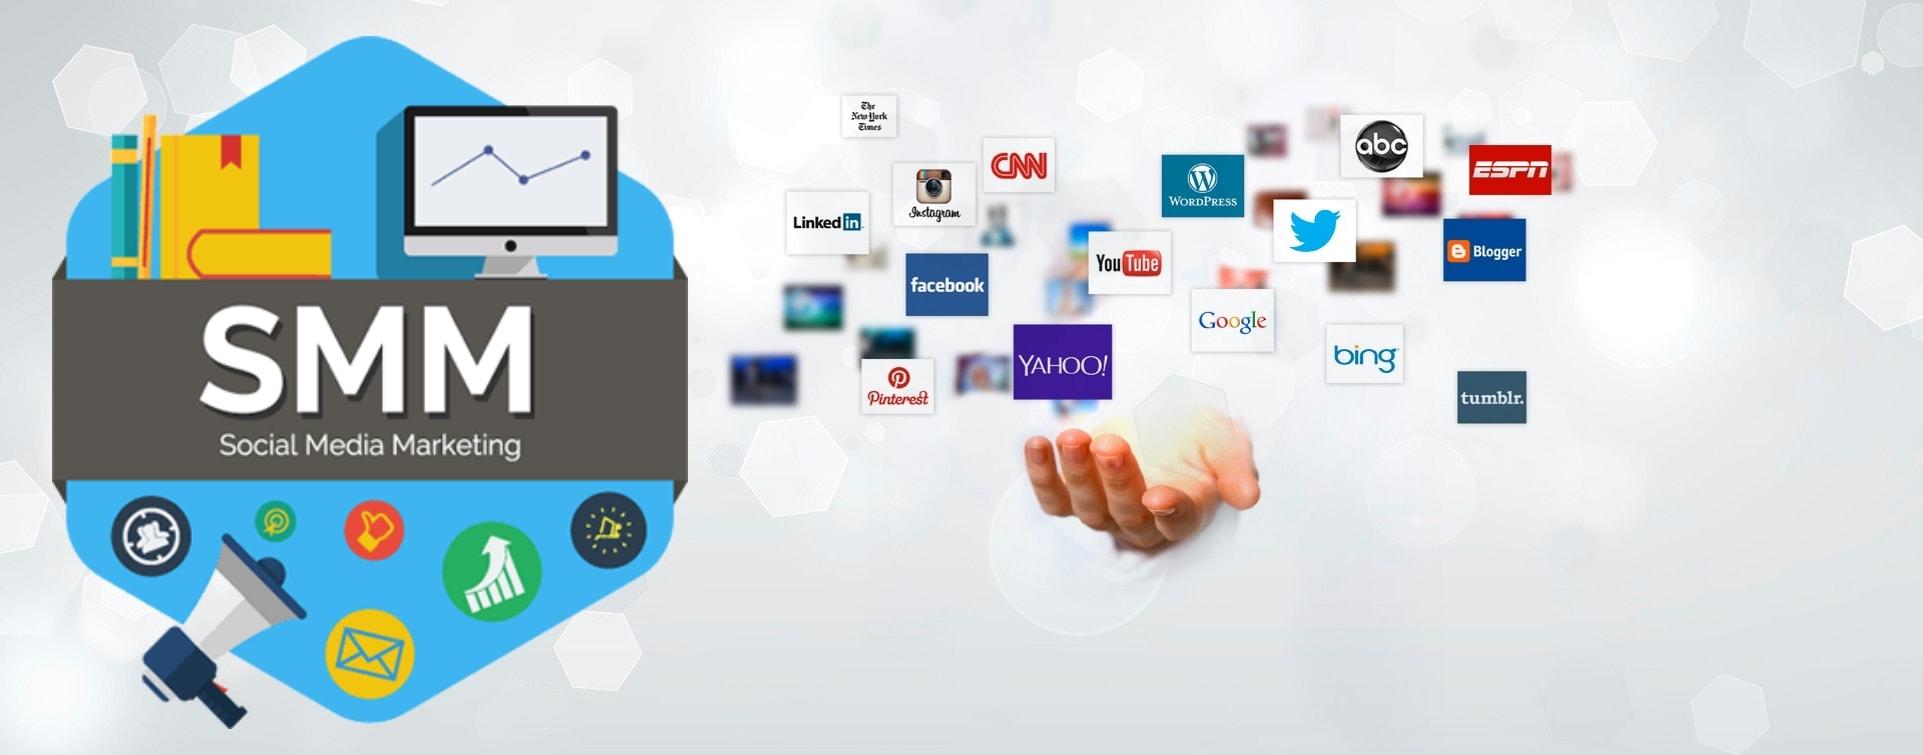 Social Media Marketing SMM Lion Vision